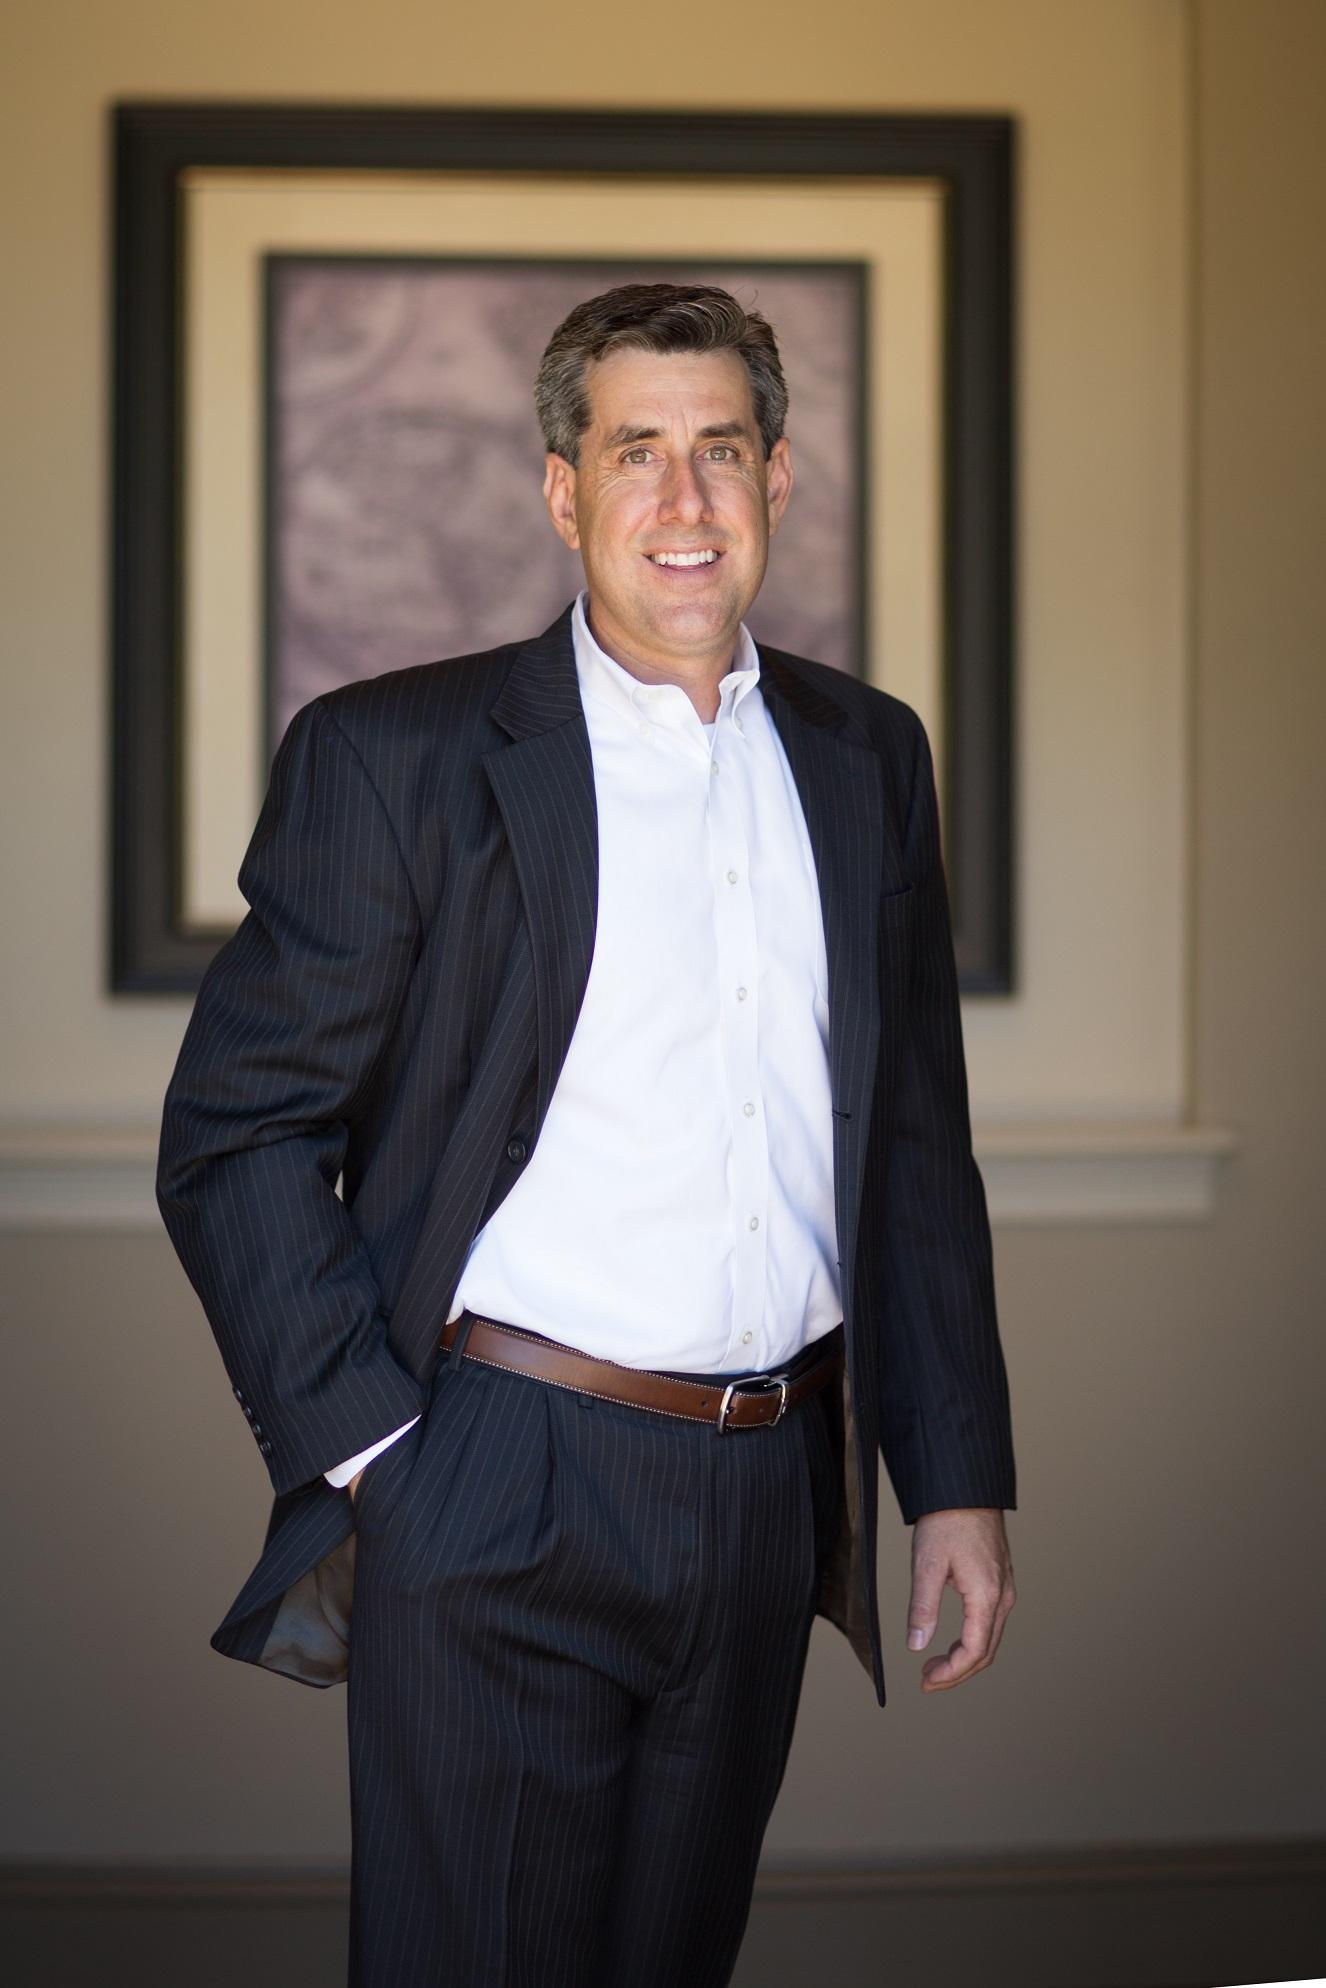 Paul Fischer, financial advisor Apopka FL